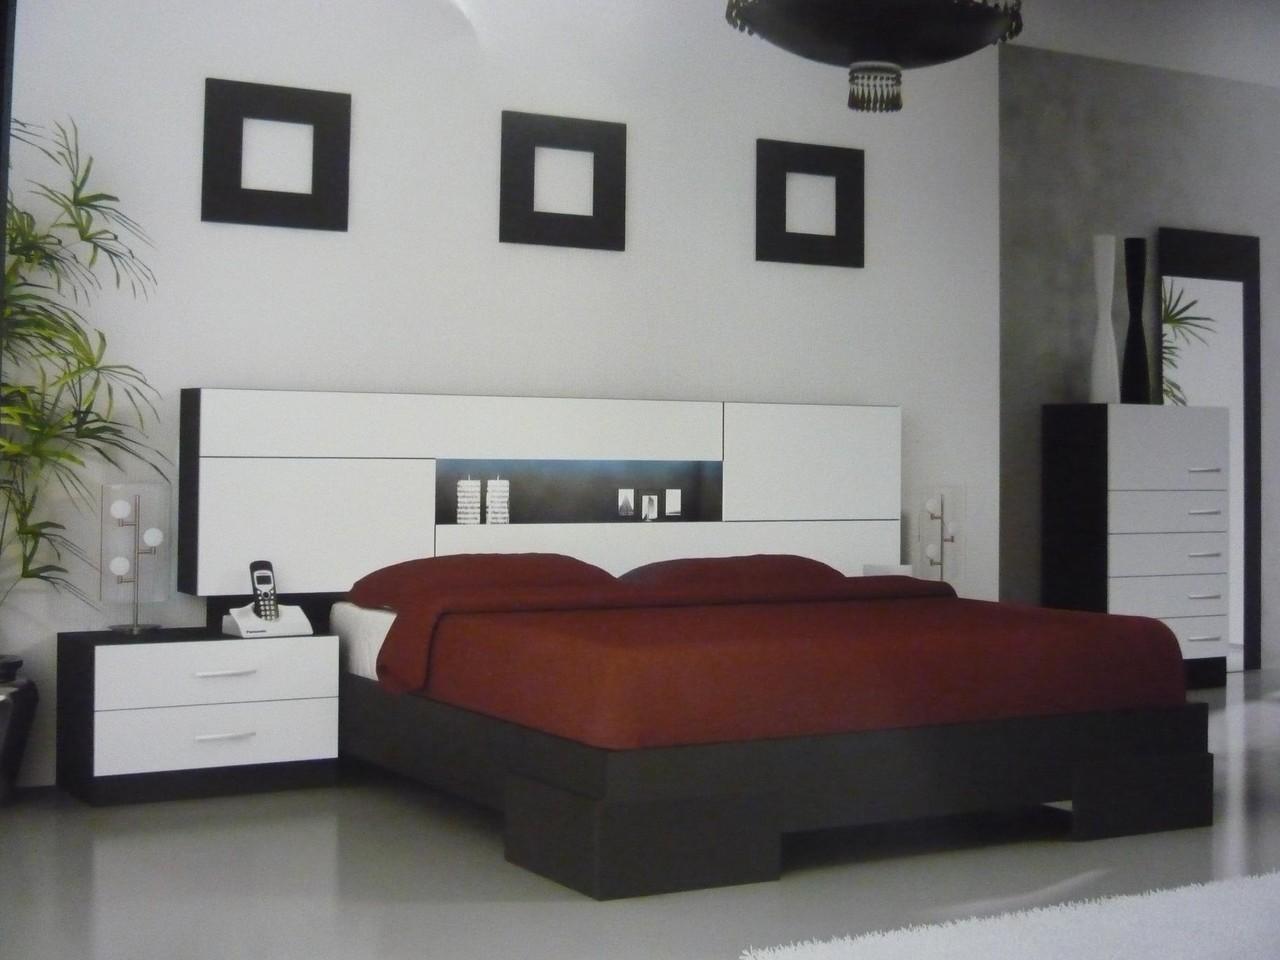 Como decorar una habitaci n matrimonial bien hermosa - Ideas para decorar habitacion matrimonial ...